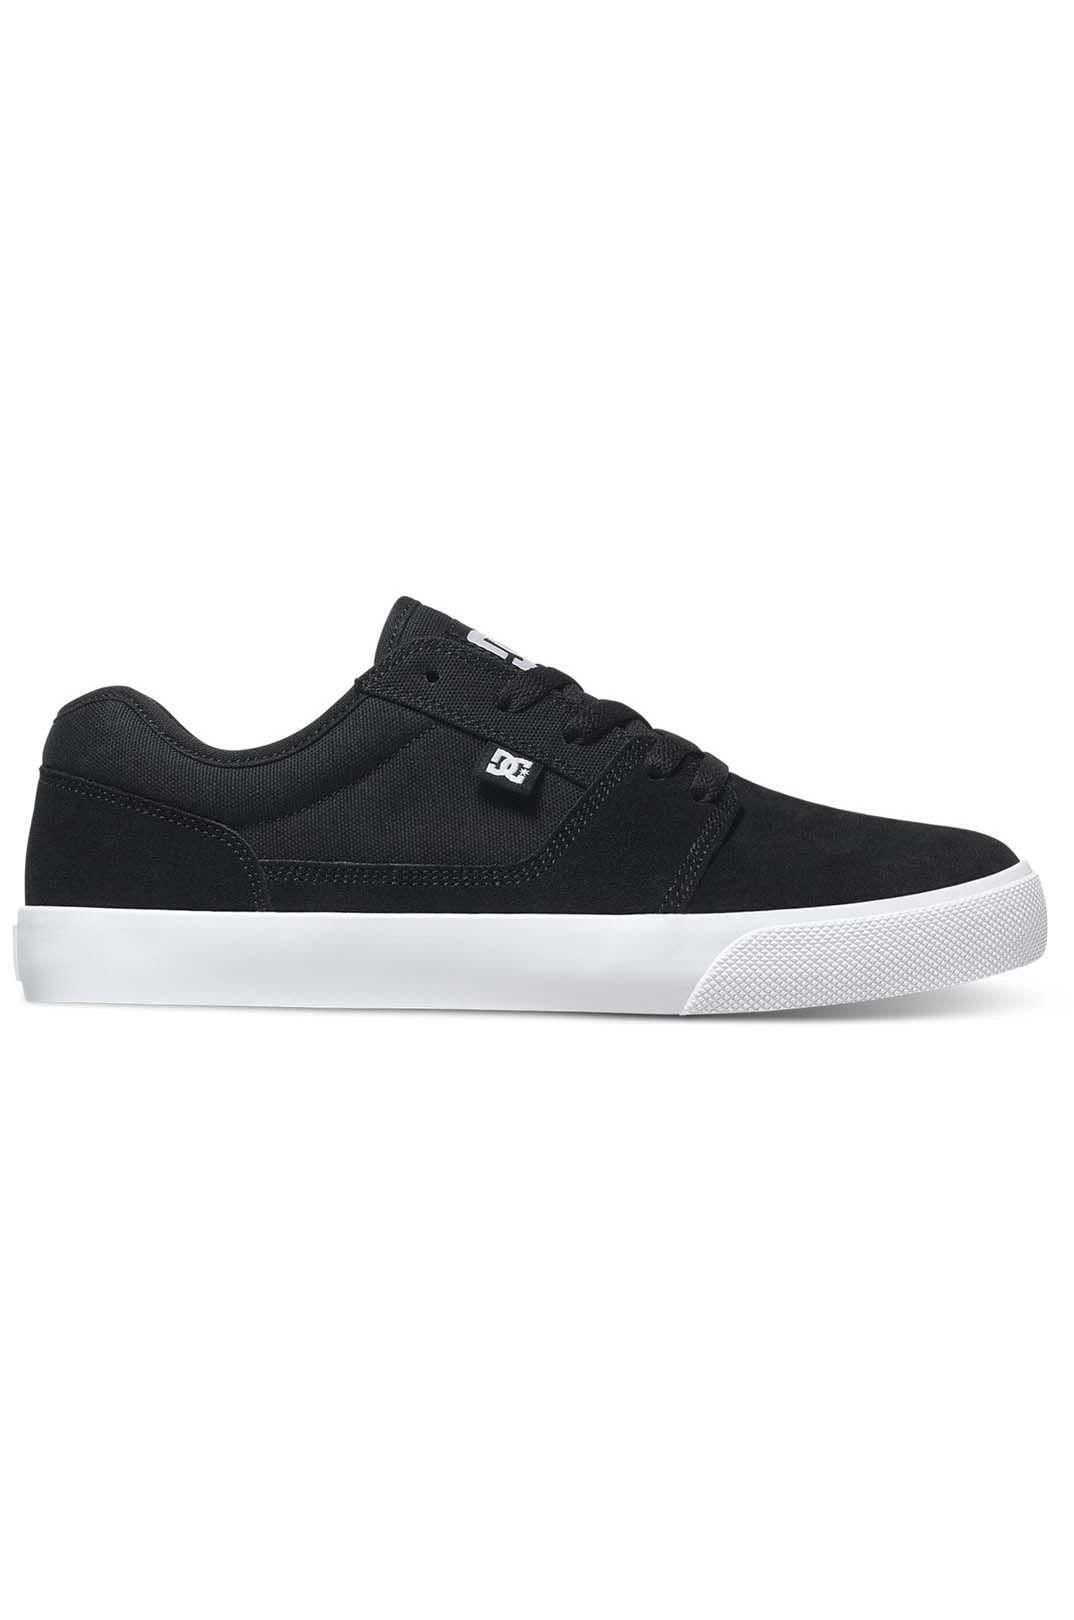 Tenis DC Shoes TONIK Black/White/Black